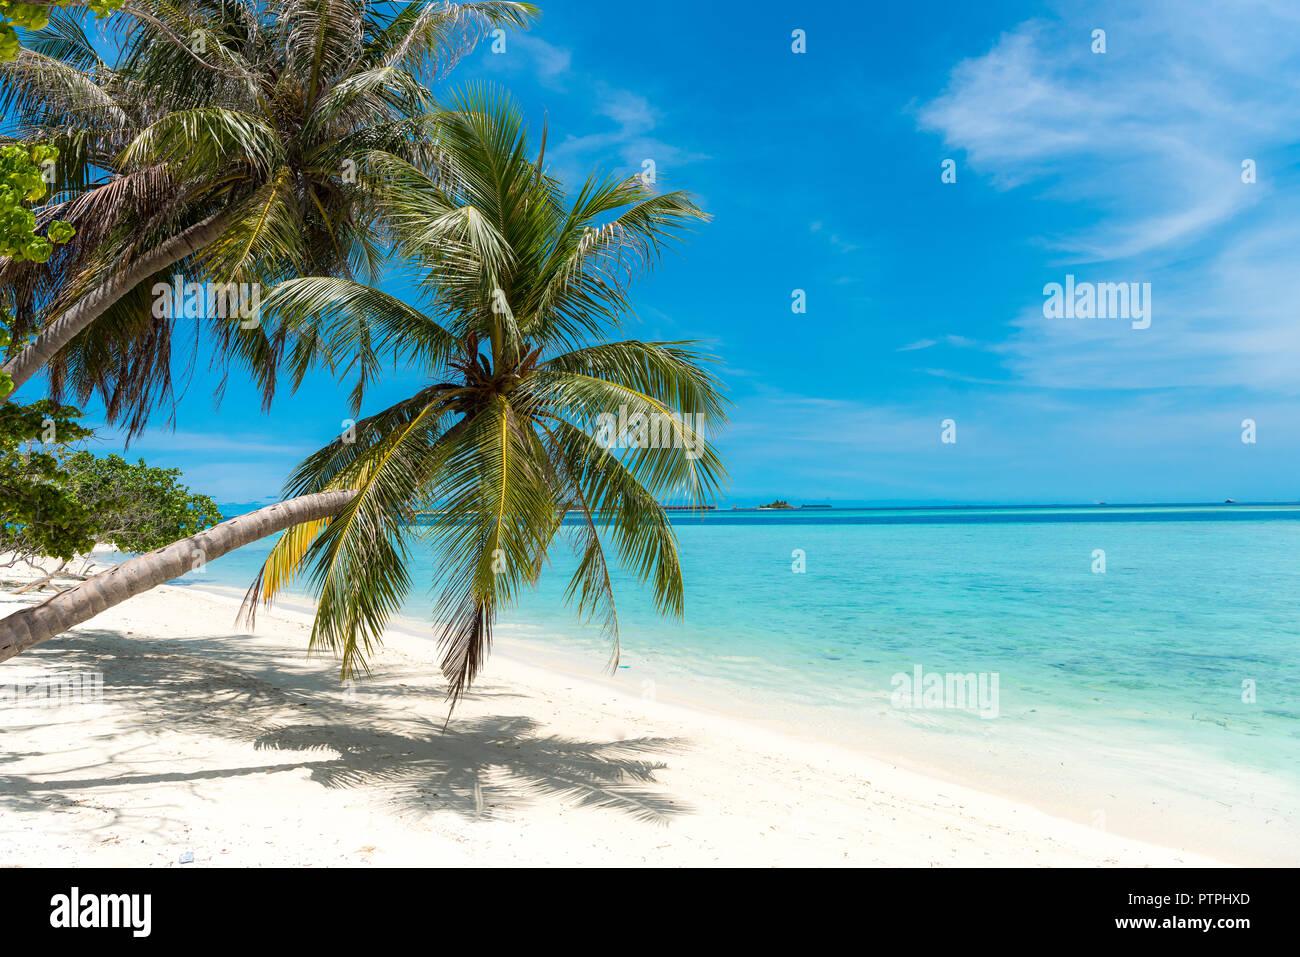 https www alamyimages fr maldives plage palmier cocotier sur la plage de sable blanc dans les maldives paradis tropical island plus belles plages dans le monde image221773173 html